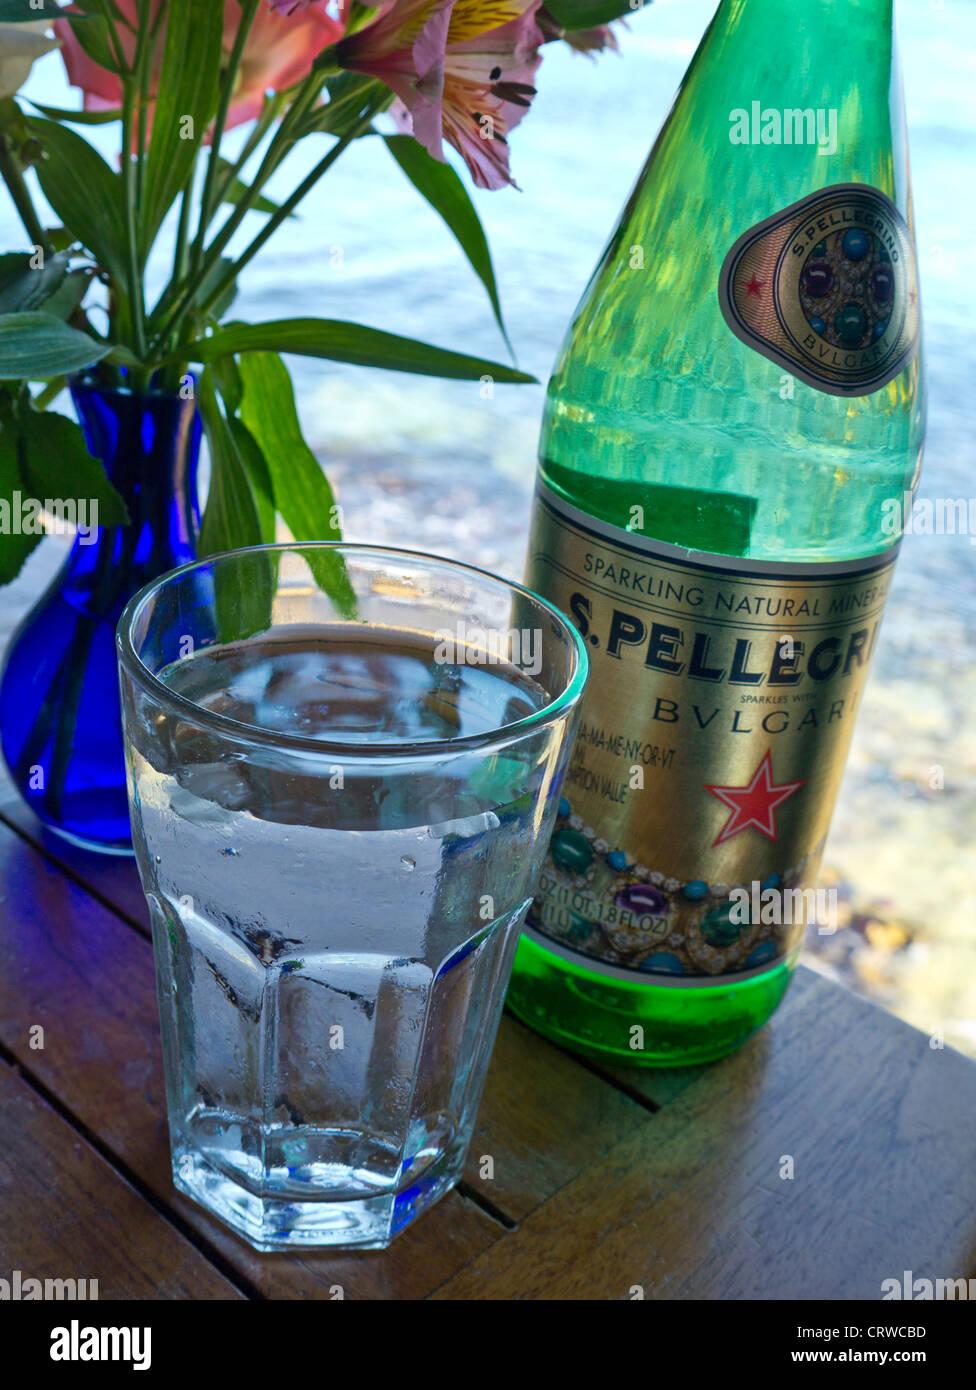 Pellegrino lujo Bulgari agua embotellada y florales de vidrio en la mesa de restaurante con vista al mar. Imagen De Stock